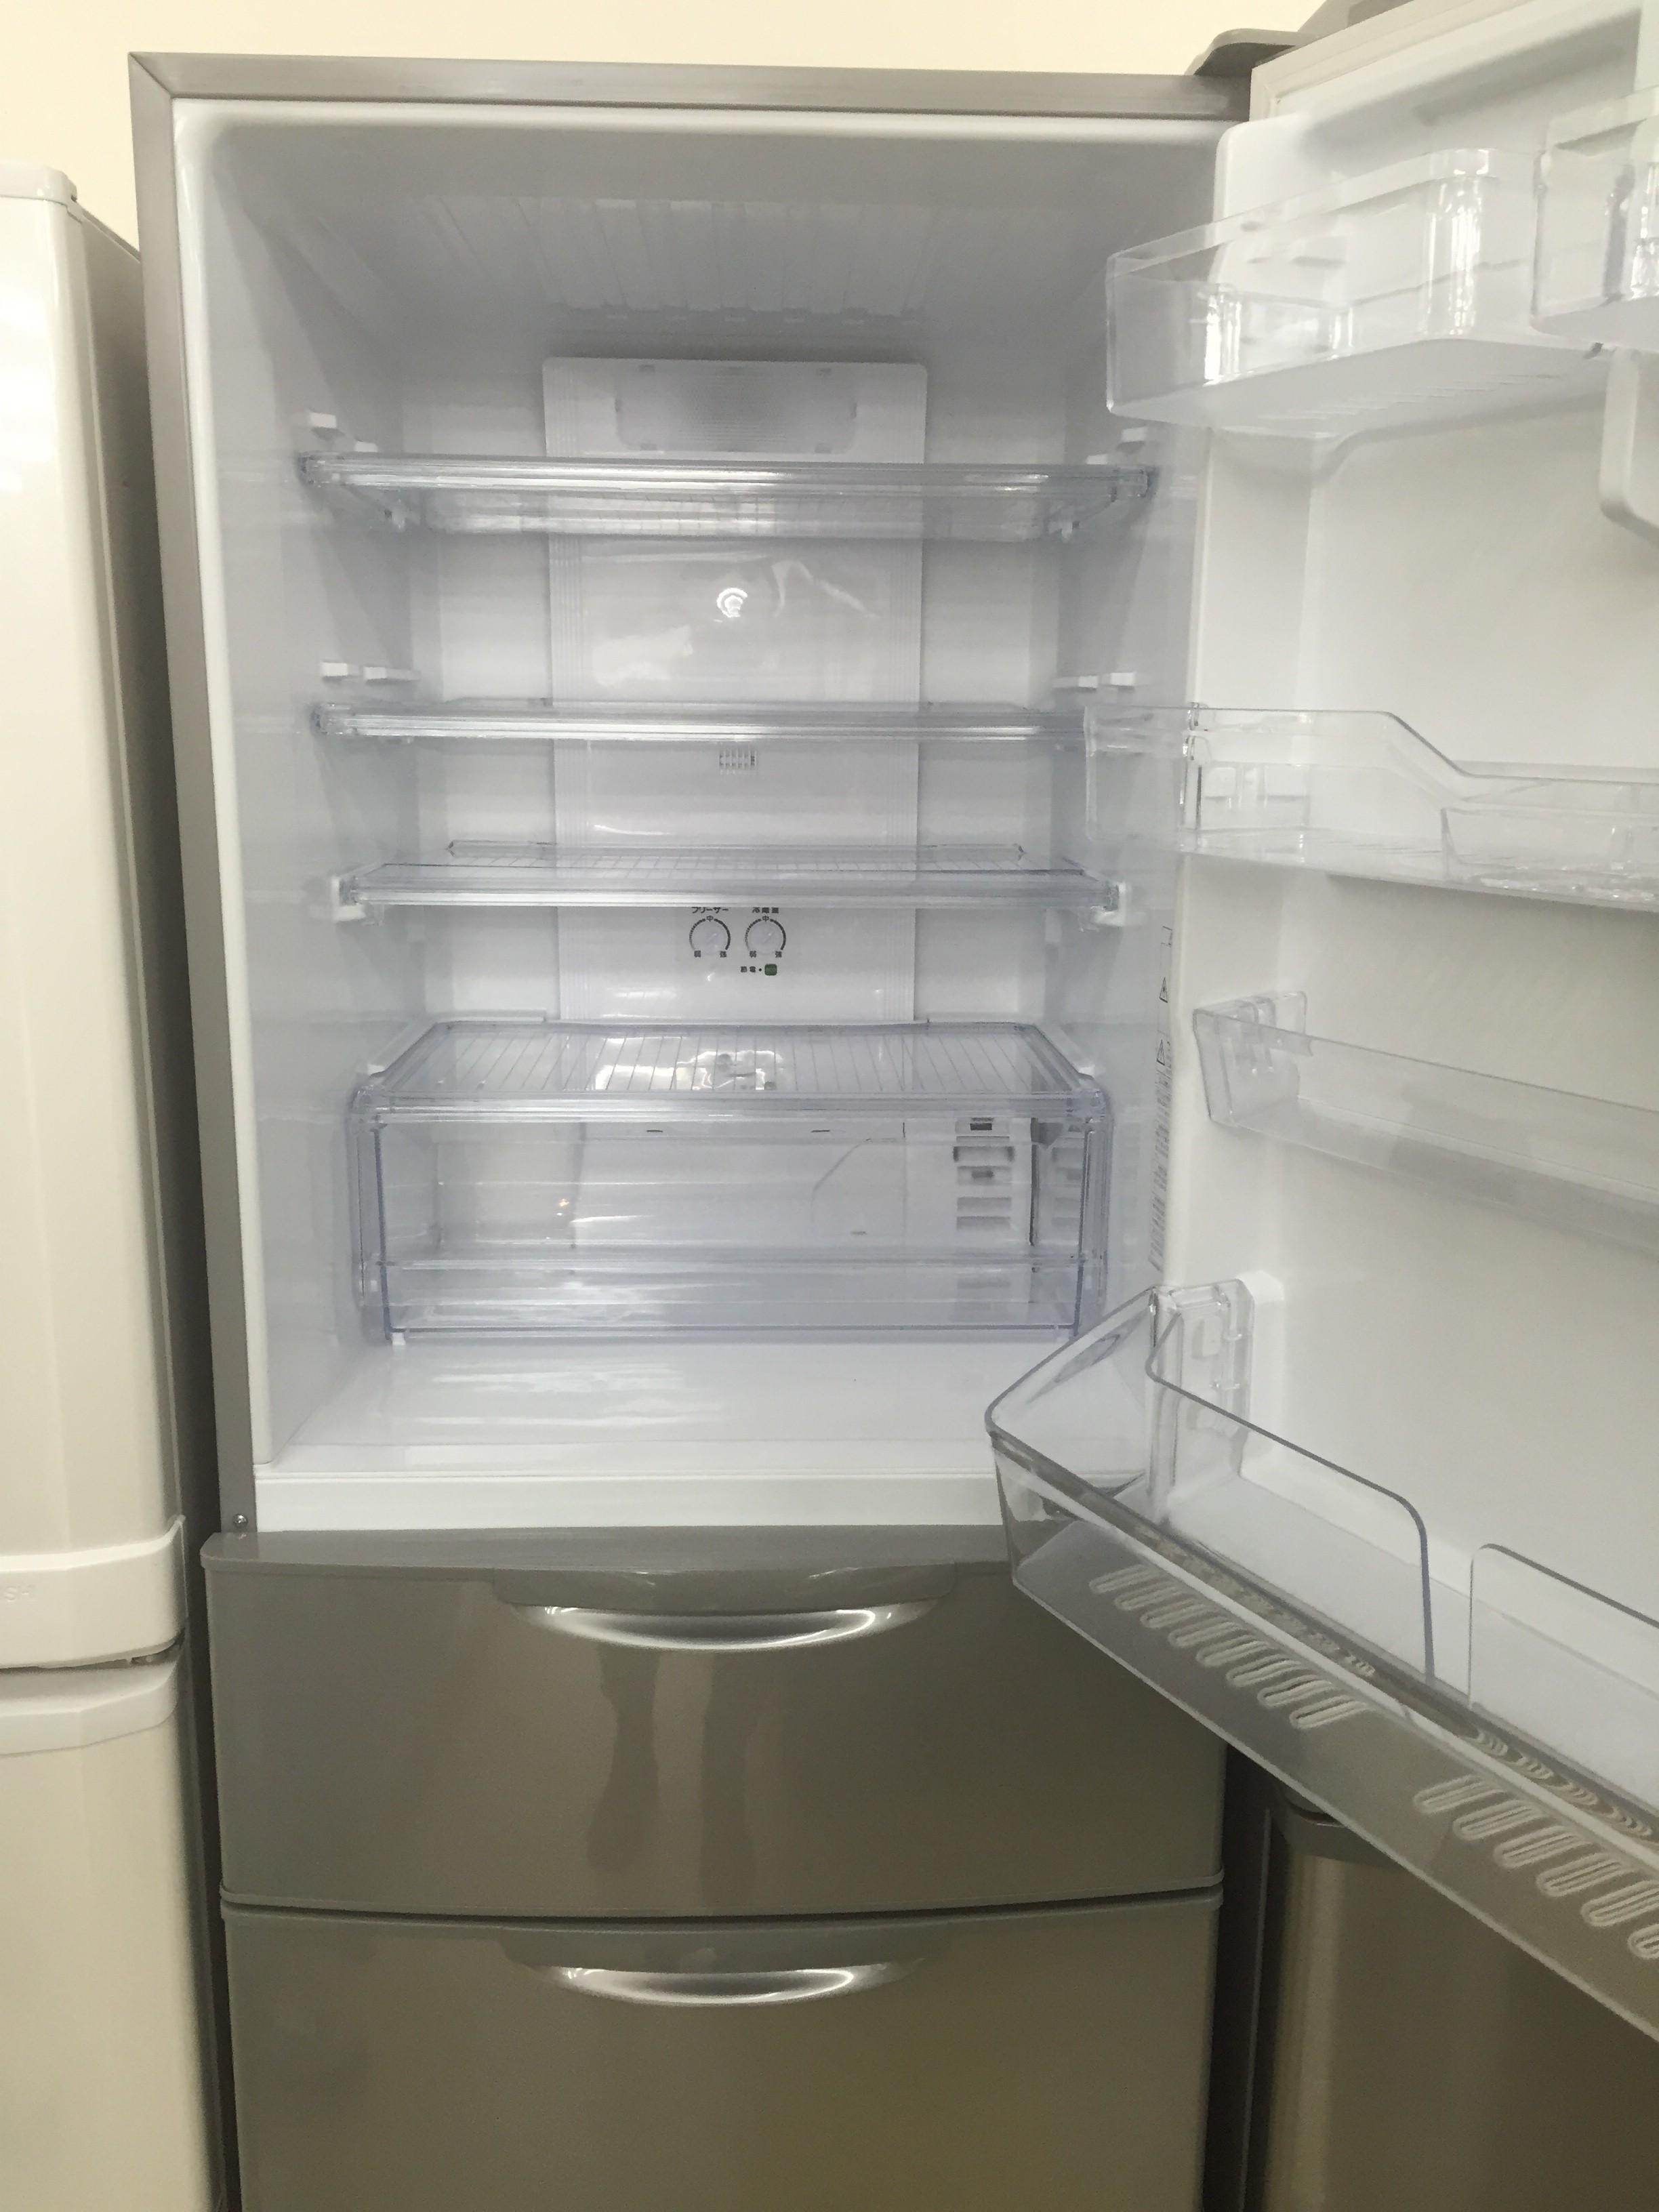 奥さん!いい冷蔵庫ありますよーサンステッププラス越前店 福井県越前市 鯖江市 福井市 買取 リサイクル 出張買取